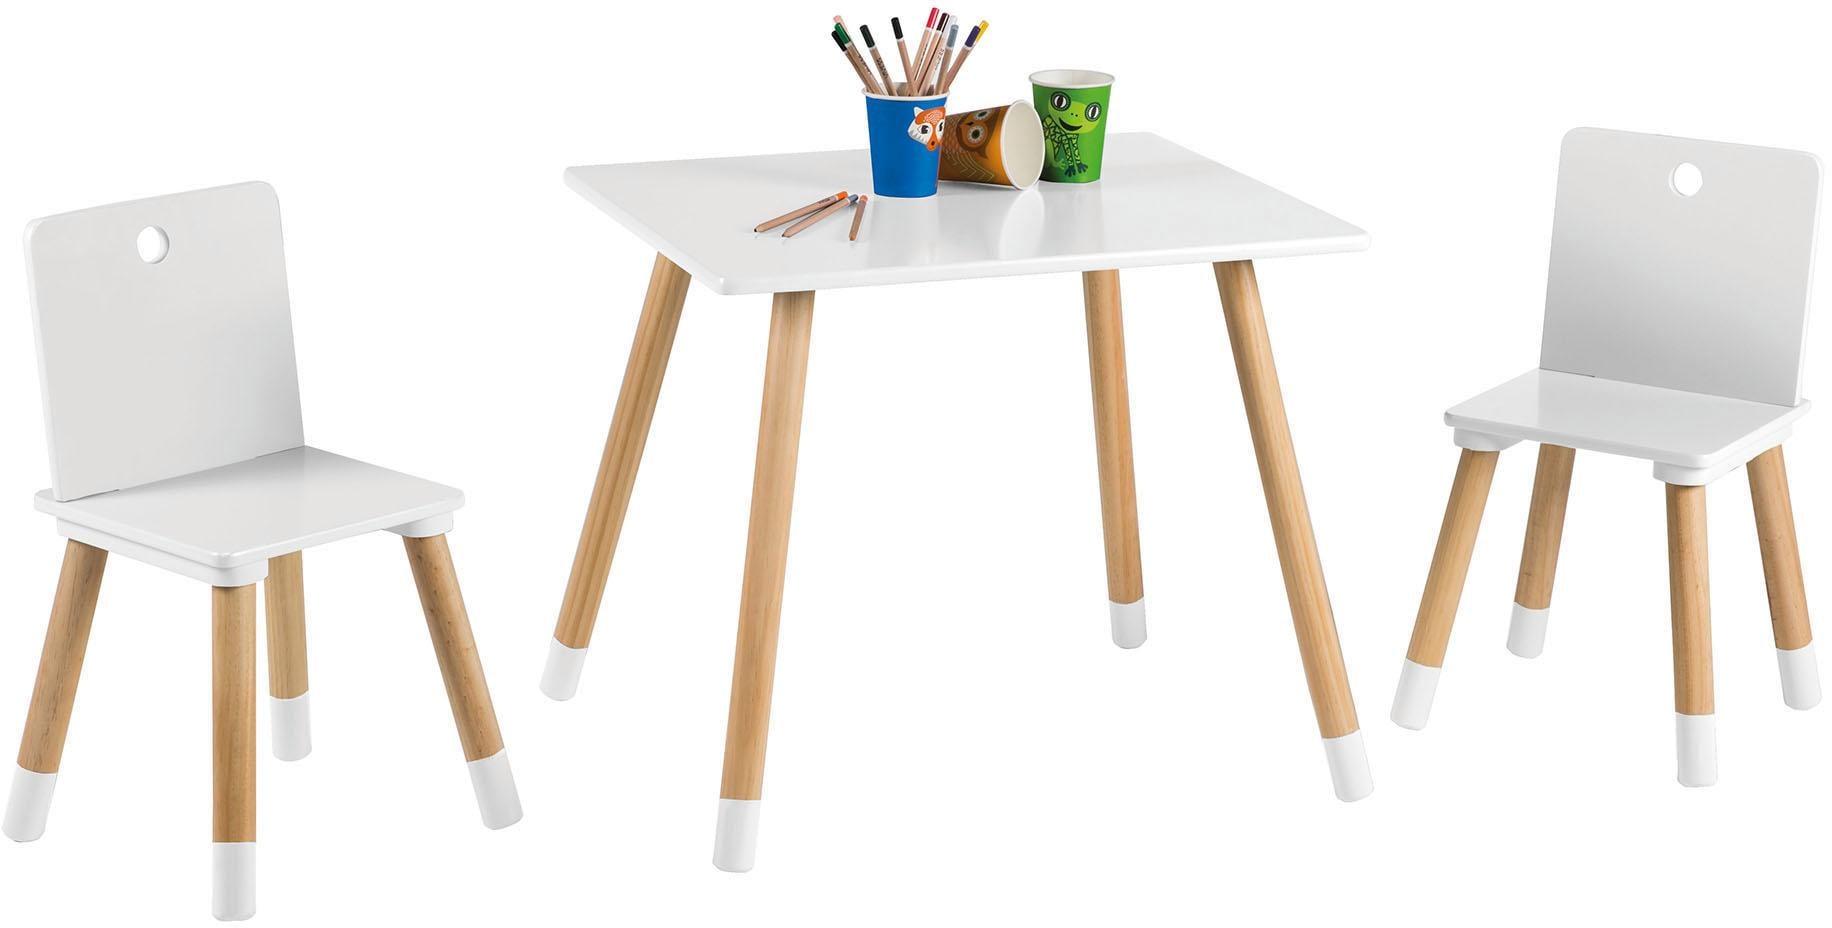 kindertisch preise vergleichen und g nstig einkaufen bei der preis. Black Bedroom Furniture Sets. Home Design Ideas